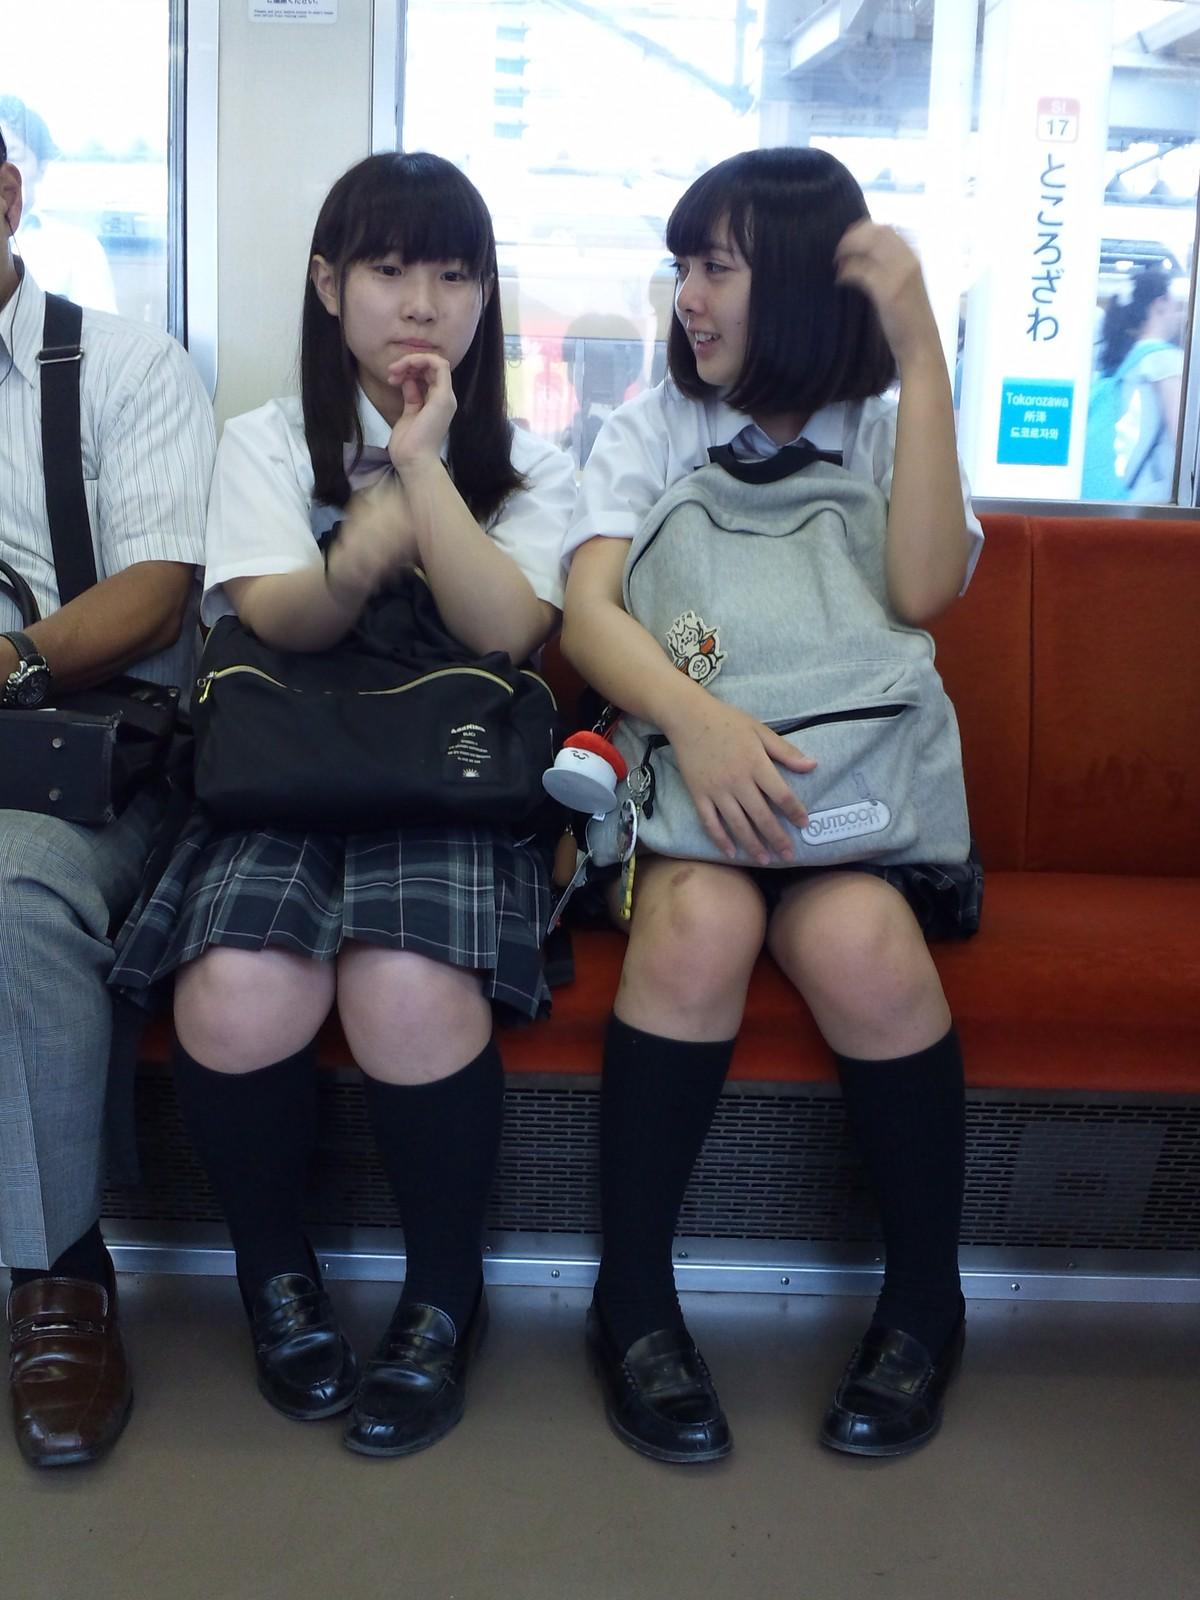 可愛いらしい女子校生達のムチッとした生足!